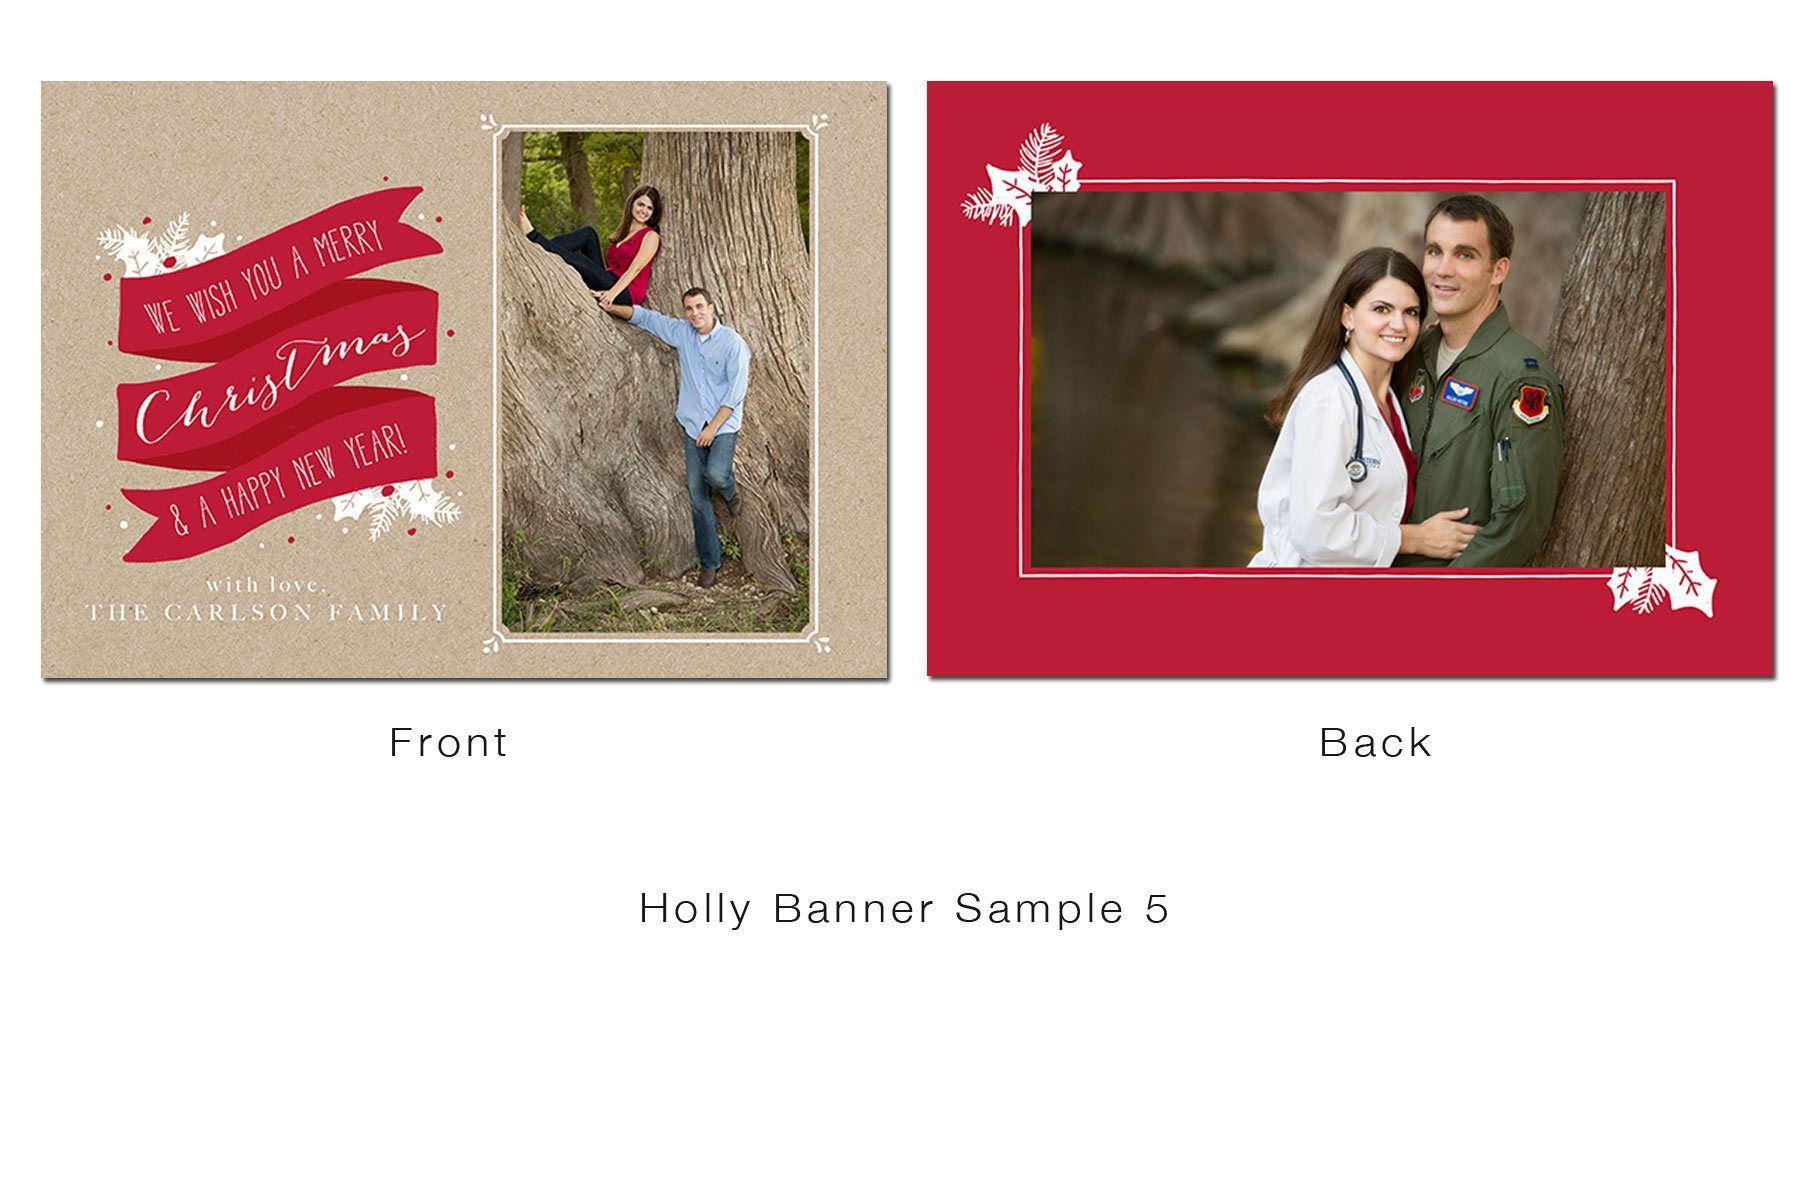 1holly_banner_sample_5.jpg